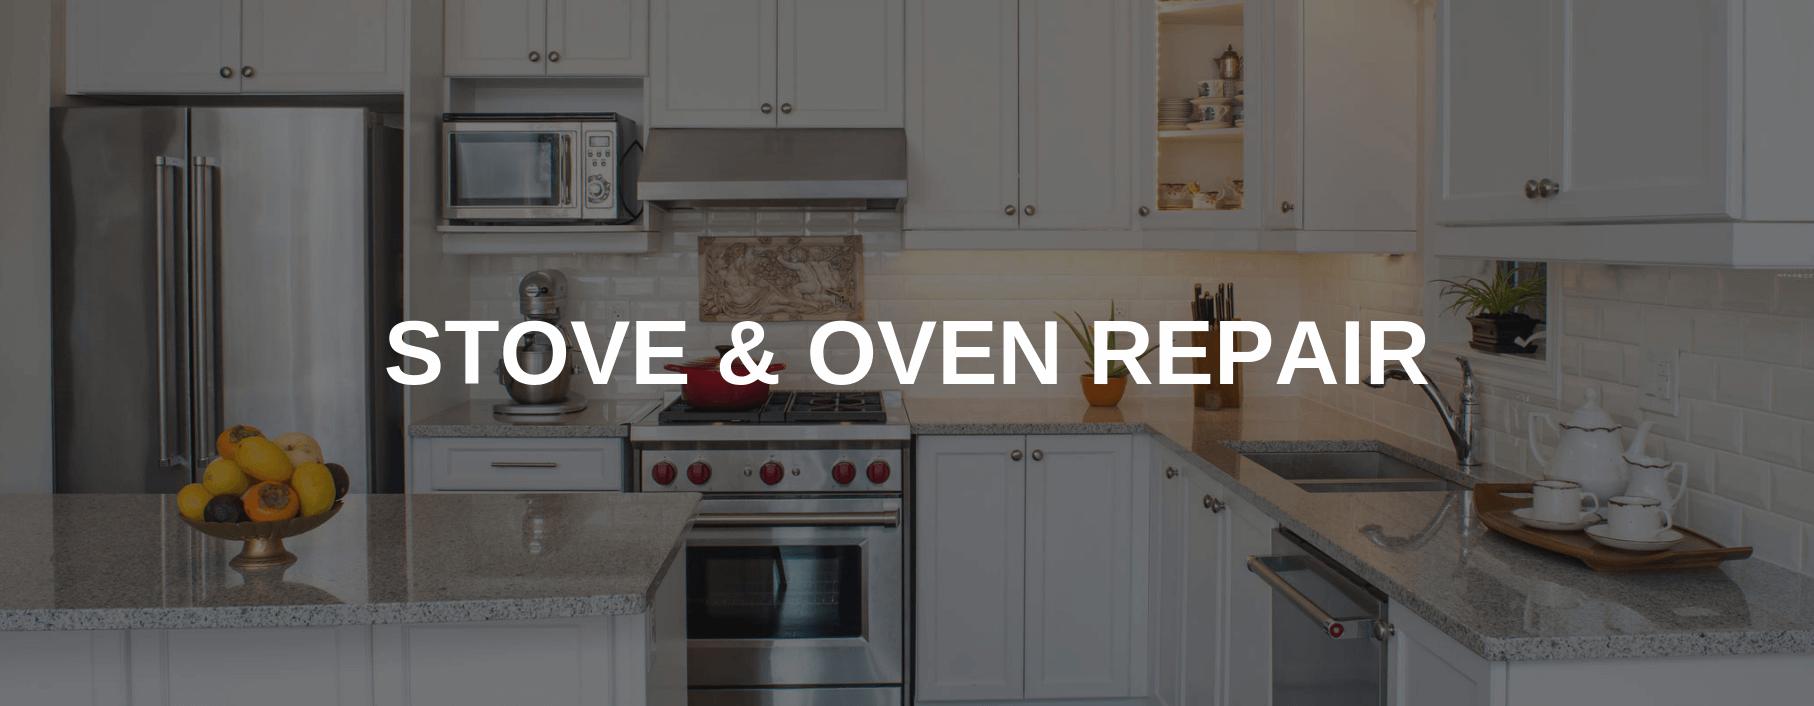 stove repair pride